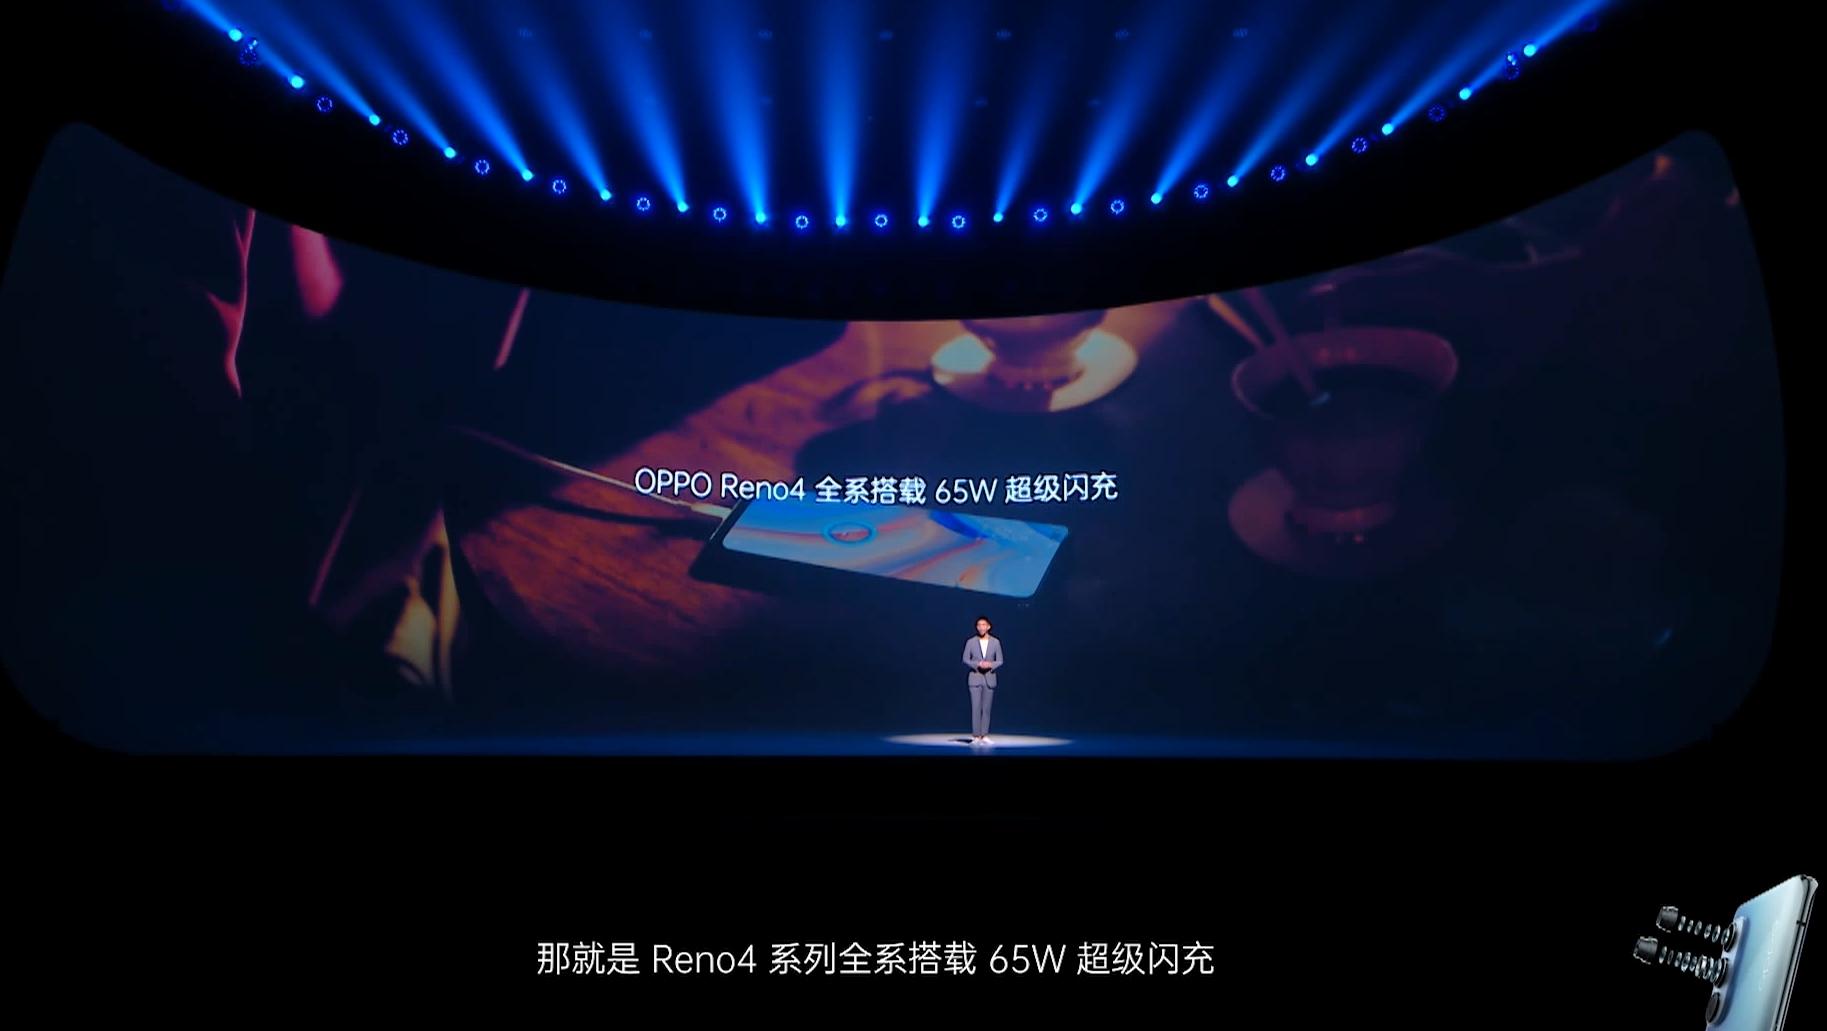 OPPO Reno4系列产品公布:视頻非常防抖动升級,市场价2999元起